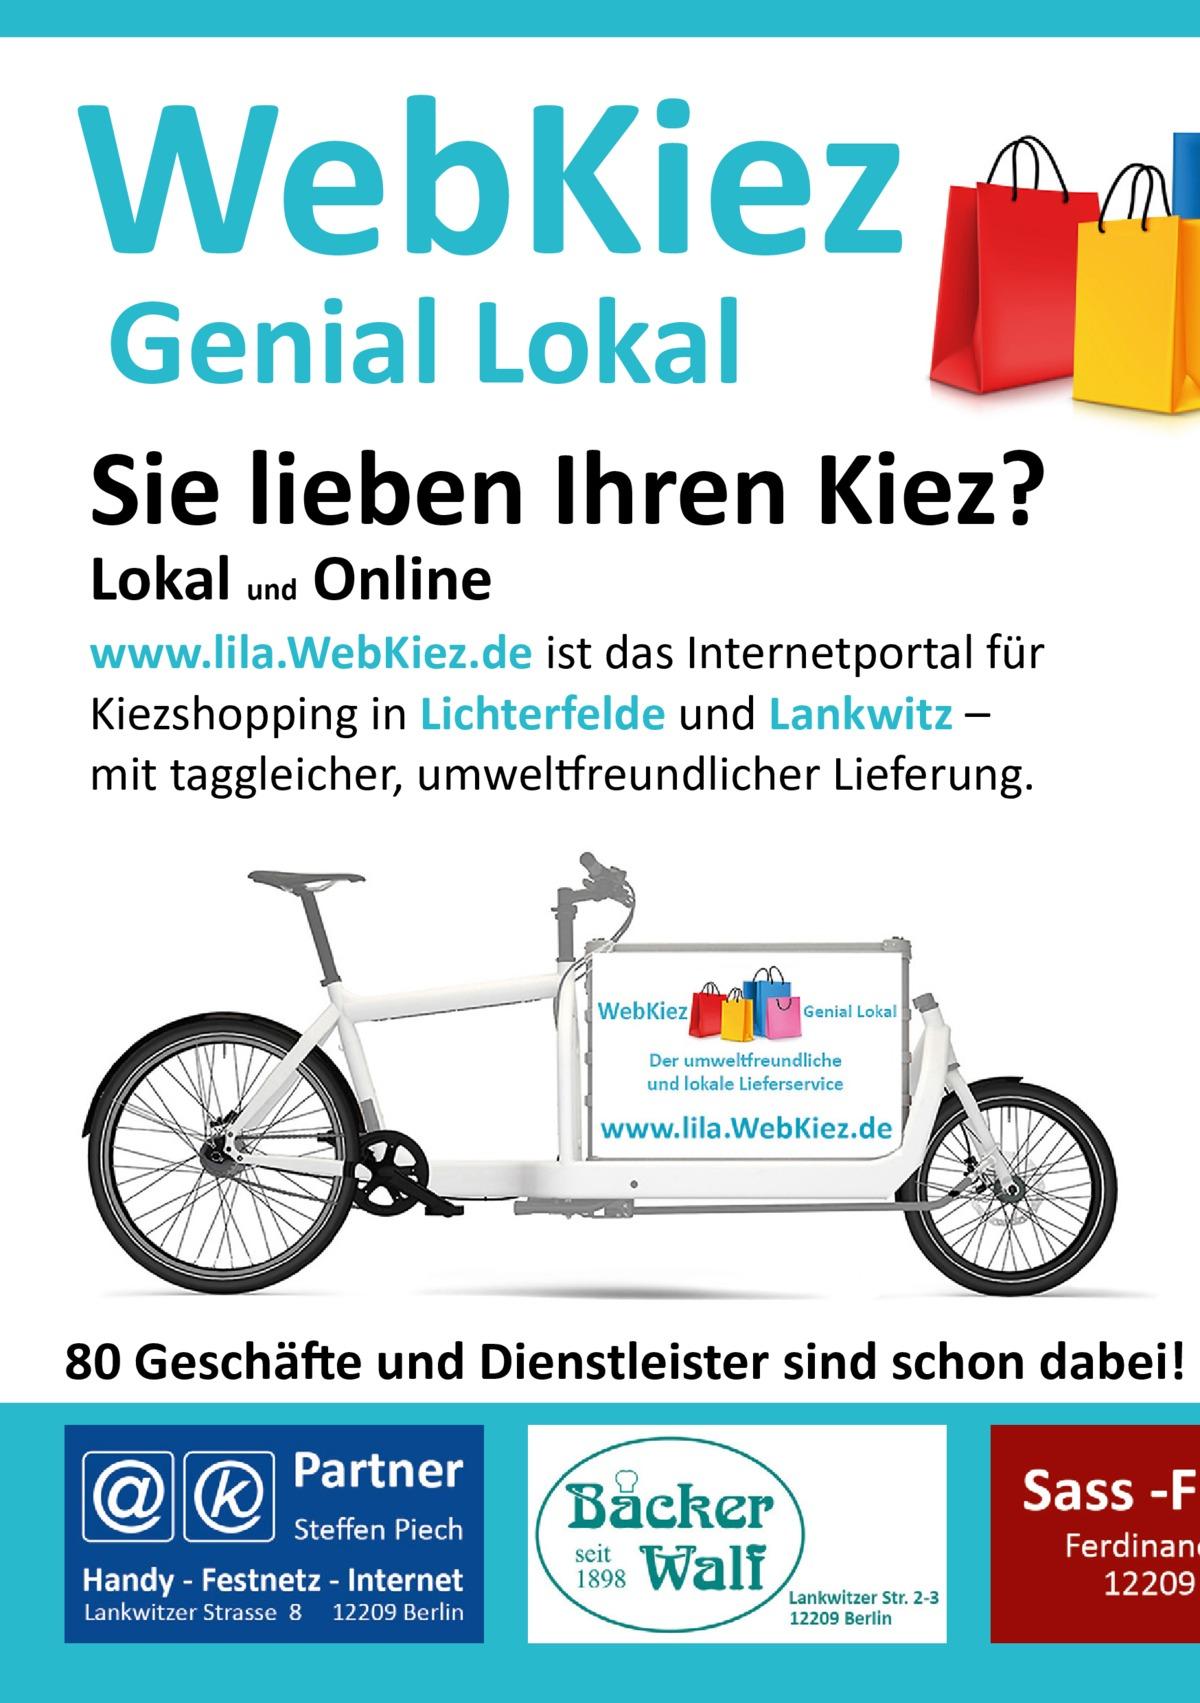 WebKiez Genial Lokal  Sie lieben Ihren Kiez? Lokal und Online  www.lila.WebKiez.de ist das Internetportal für Kiezshopping in Lichterfelde und Lankwitz – mit taggleicher, umweltfreundlicher Lieferung.  80 Geschäfte und Dienstleister sind schon dabei!